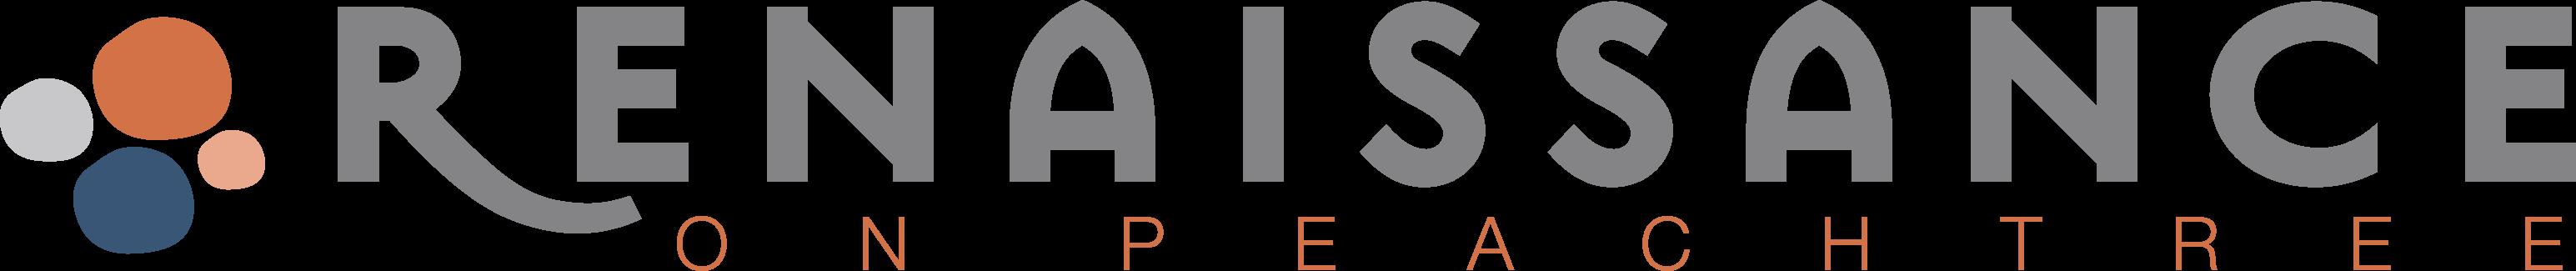 renaissance-on-peachtree-logo-2